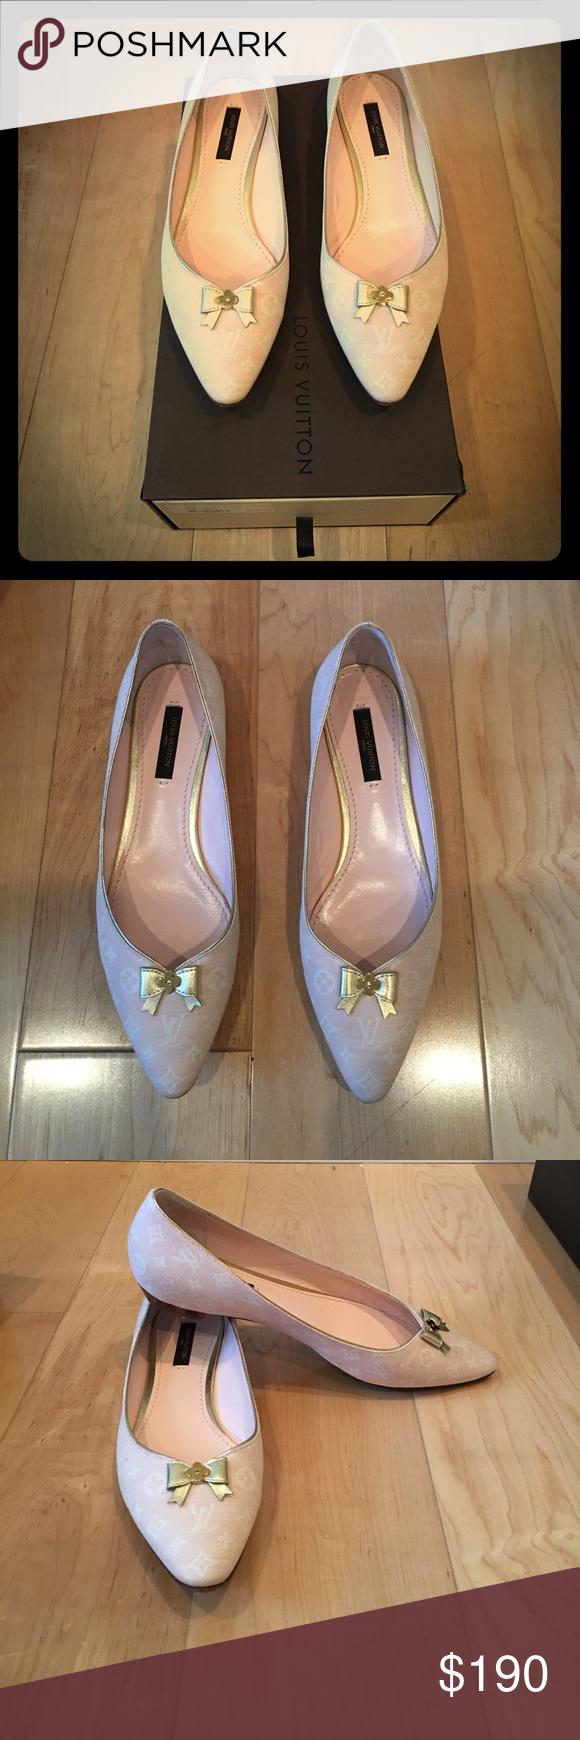 9f2591dc247d Ballet flat · Angelique Ballerina Monogram Flats Light Pink Ballet Flats  Louis Vuitton Shoes ...